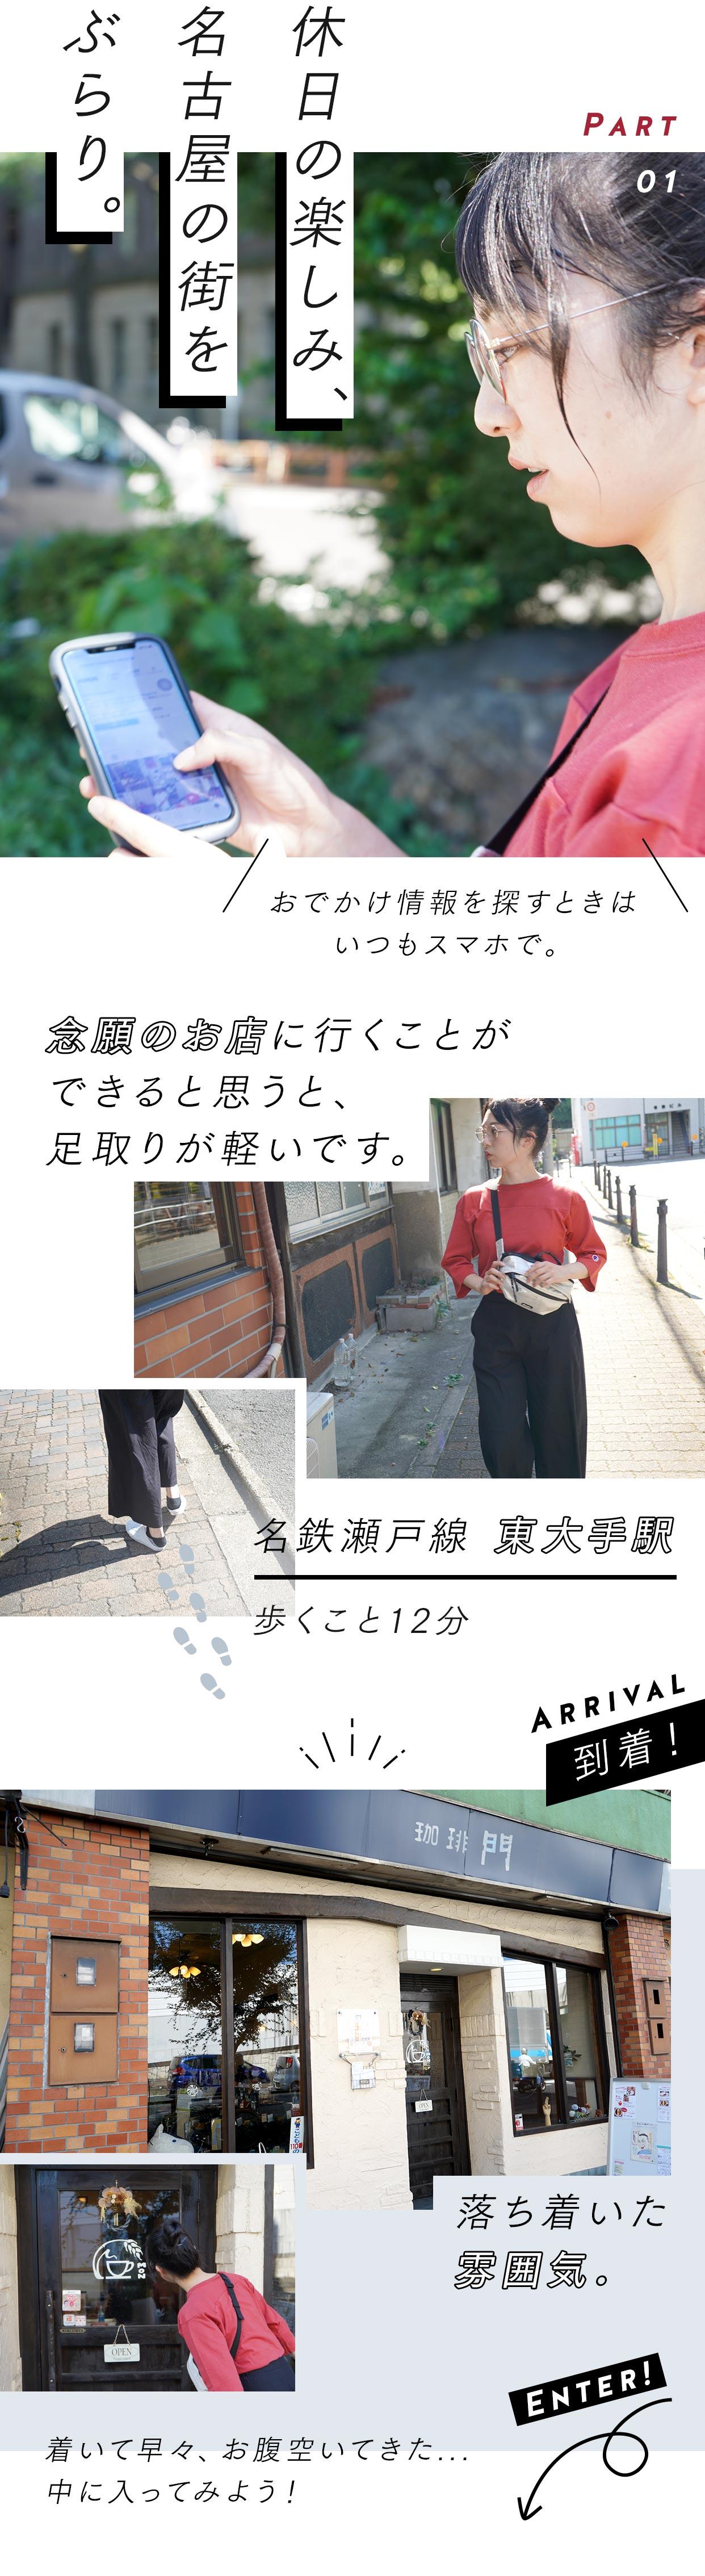 シンプルだからこそ、カレー本来の味わいが楽しめる。名古屋のカレーなら「珈琲 門」 - A8CD5EF5 BE26 4D59 9348 4936482C9449